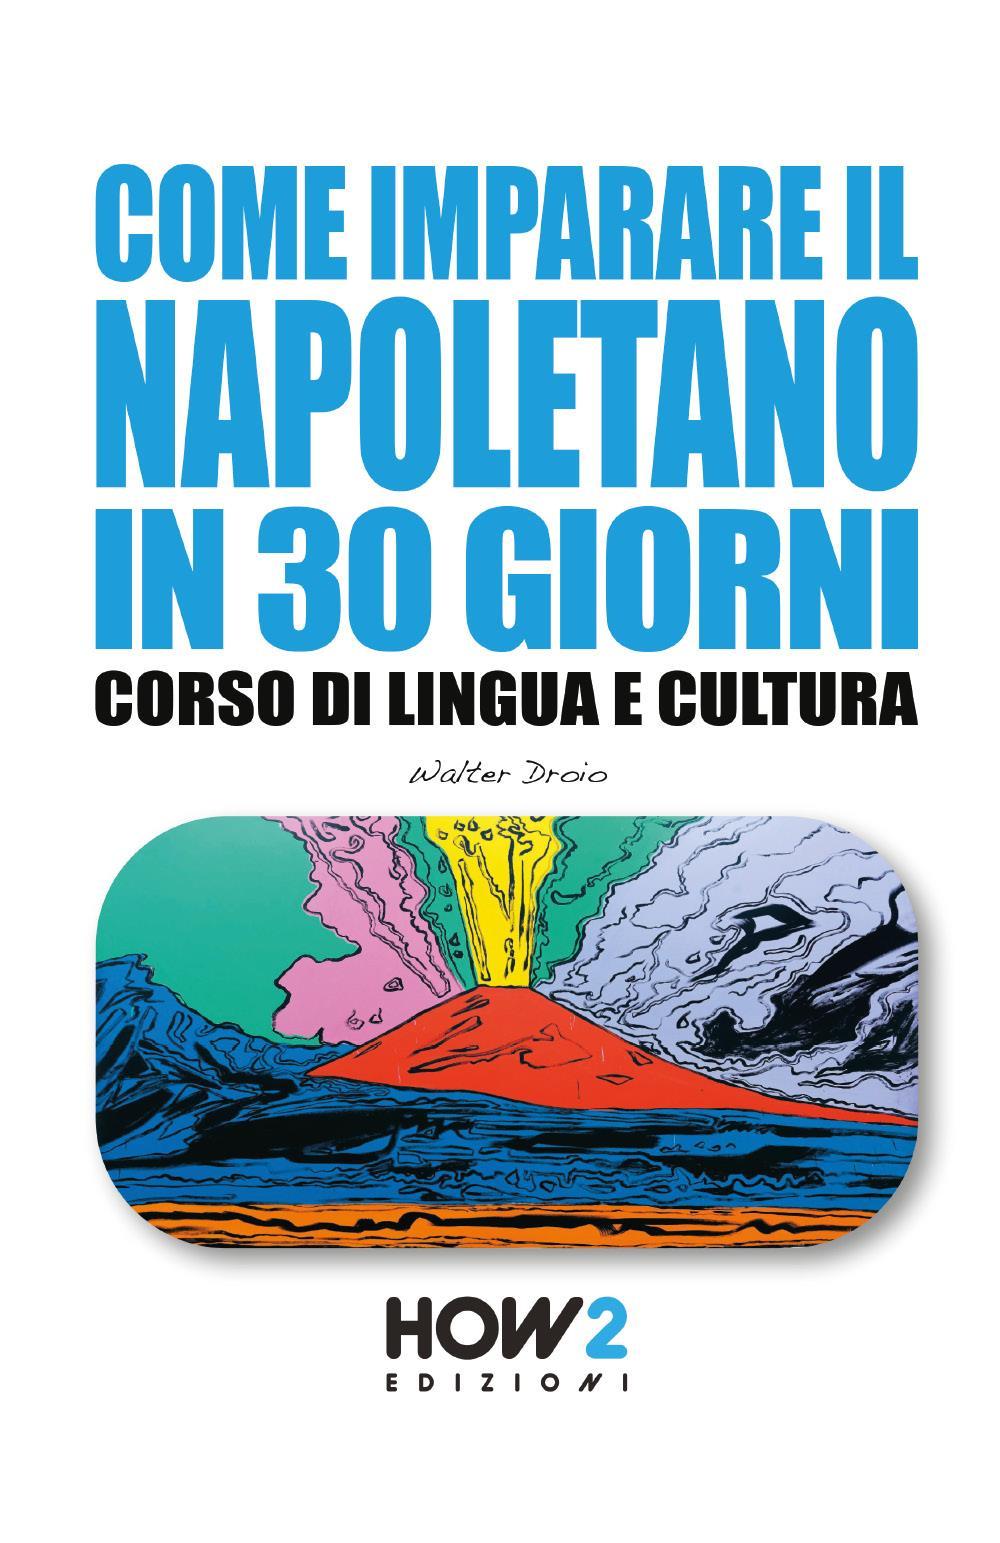 Come imparare il napoletano in 30 giorni. Corso di lingua e cultura